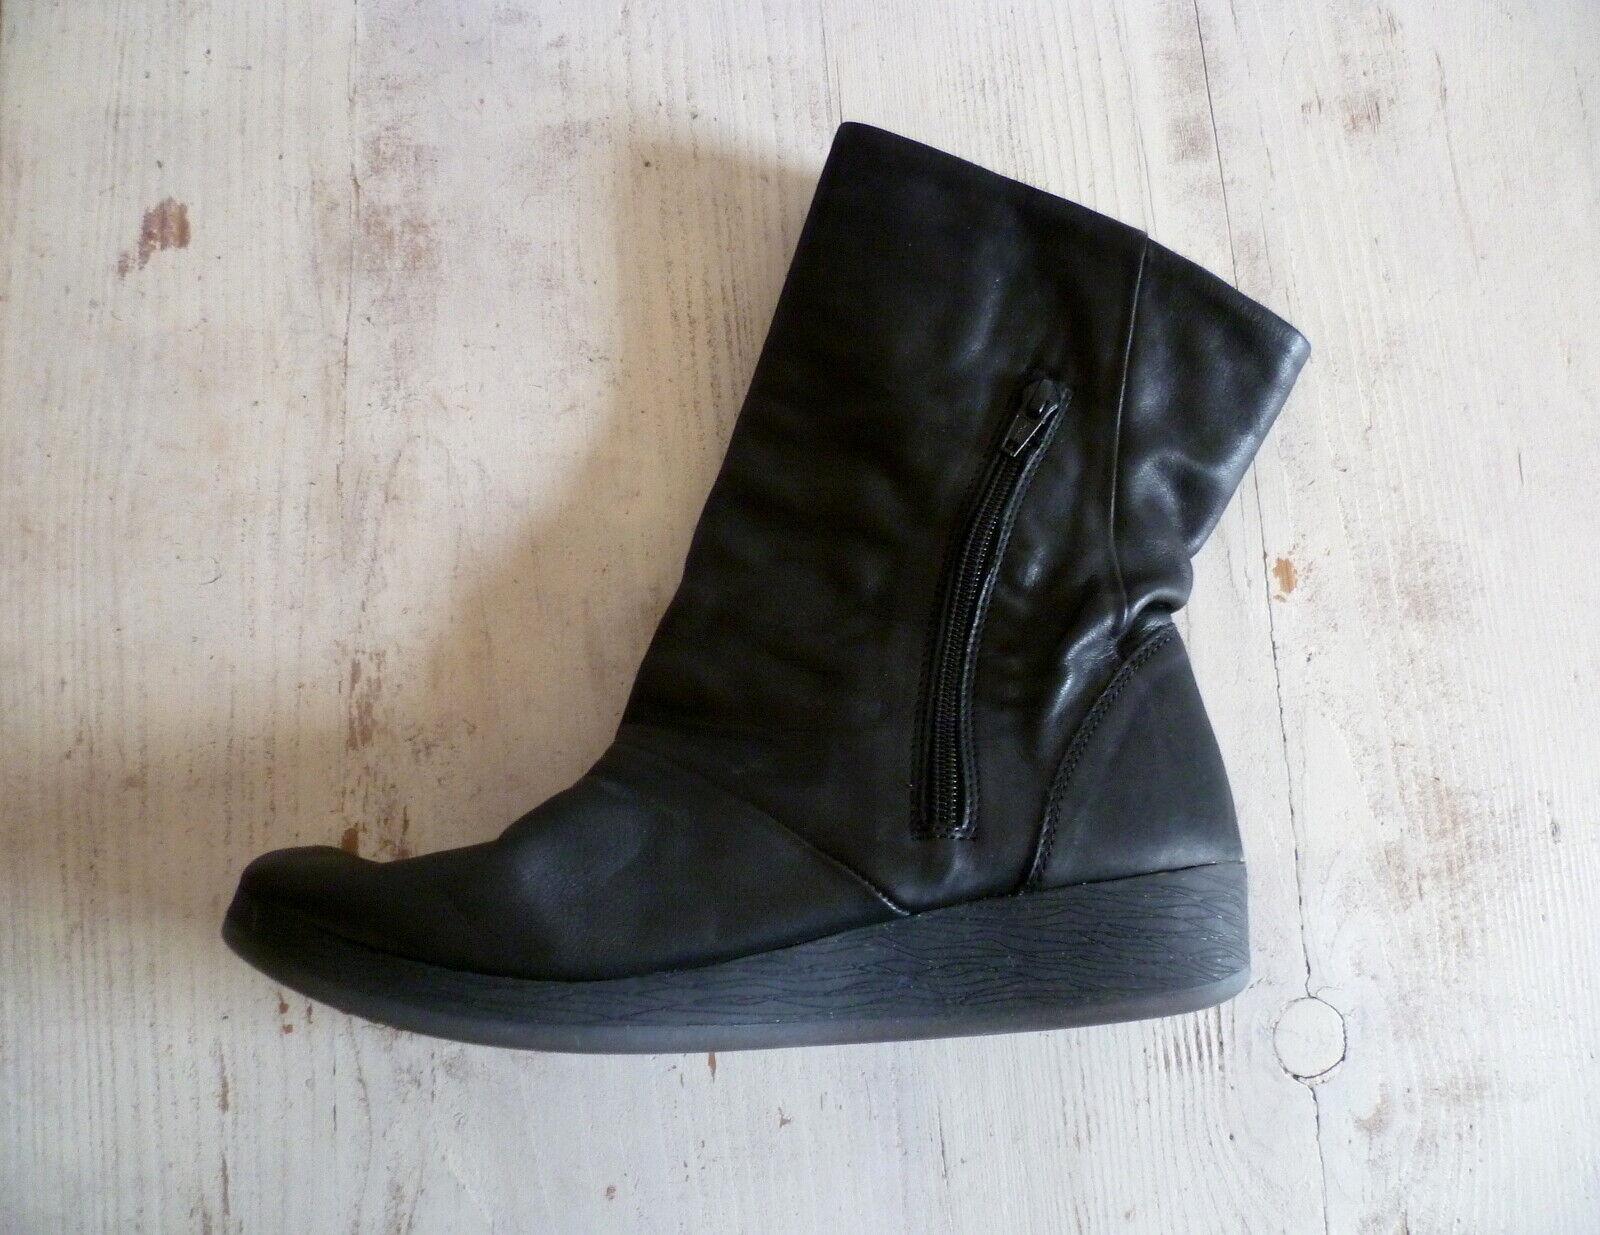 Softinos Softinos Softinos Stiefel aus weichem Leder, sehr bequem, Größe 41 (fällt aus wie 40)   e614fc